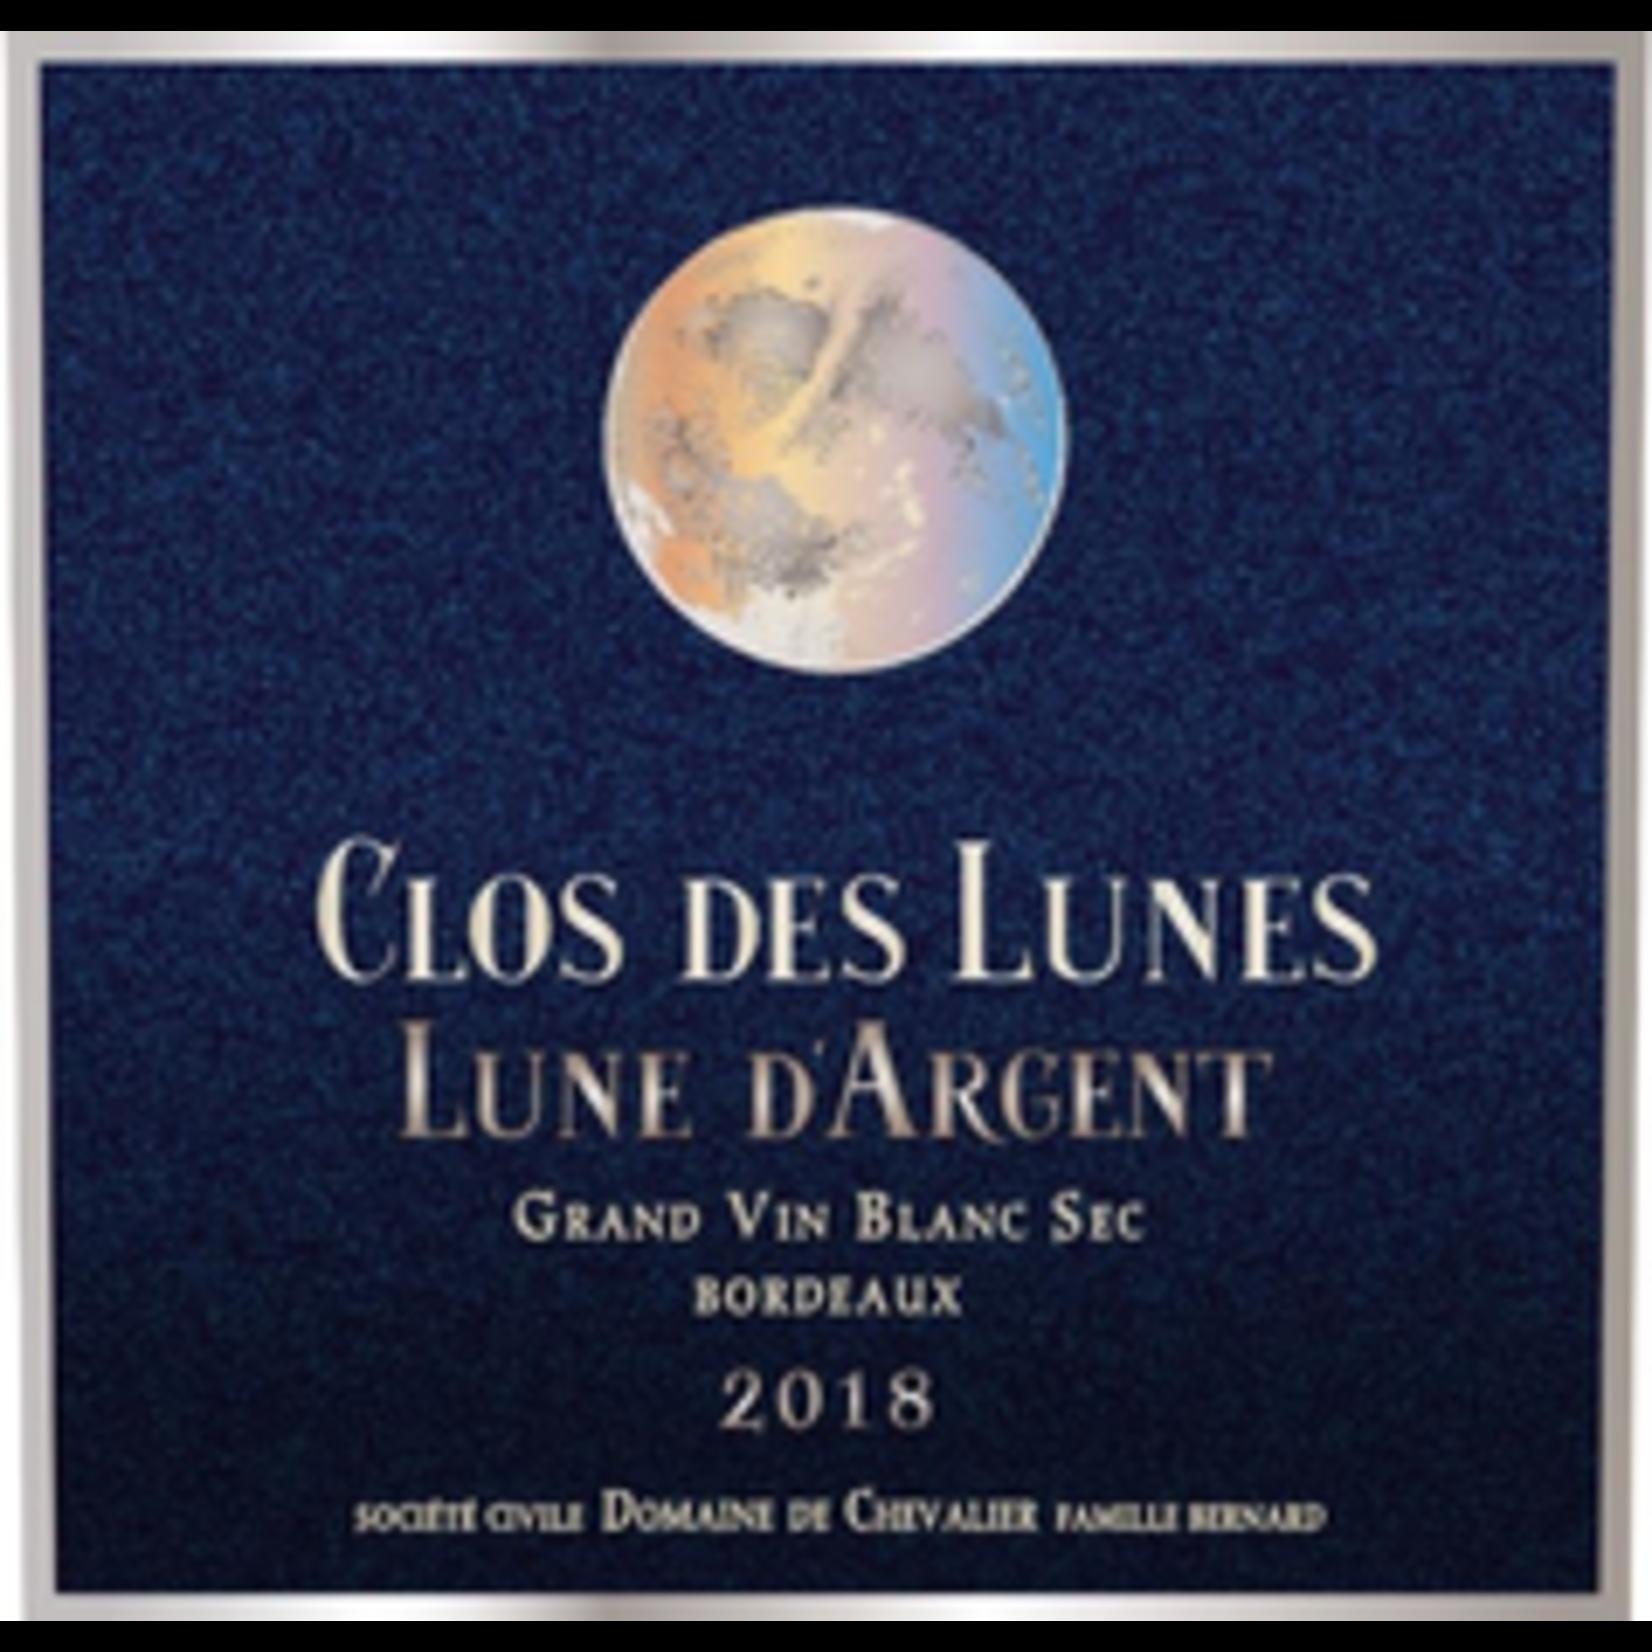 Wine Domaine de Chevalier Clos des Lunes Lune d'Argent Bordeaux Blanc 2018